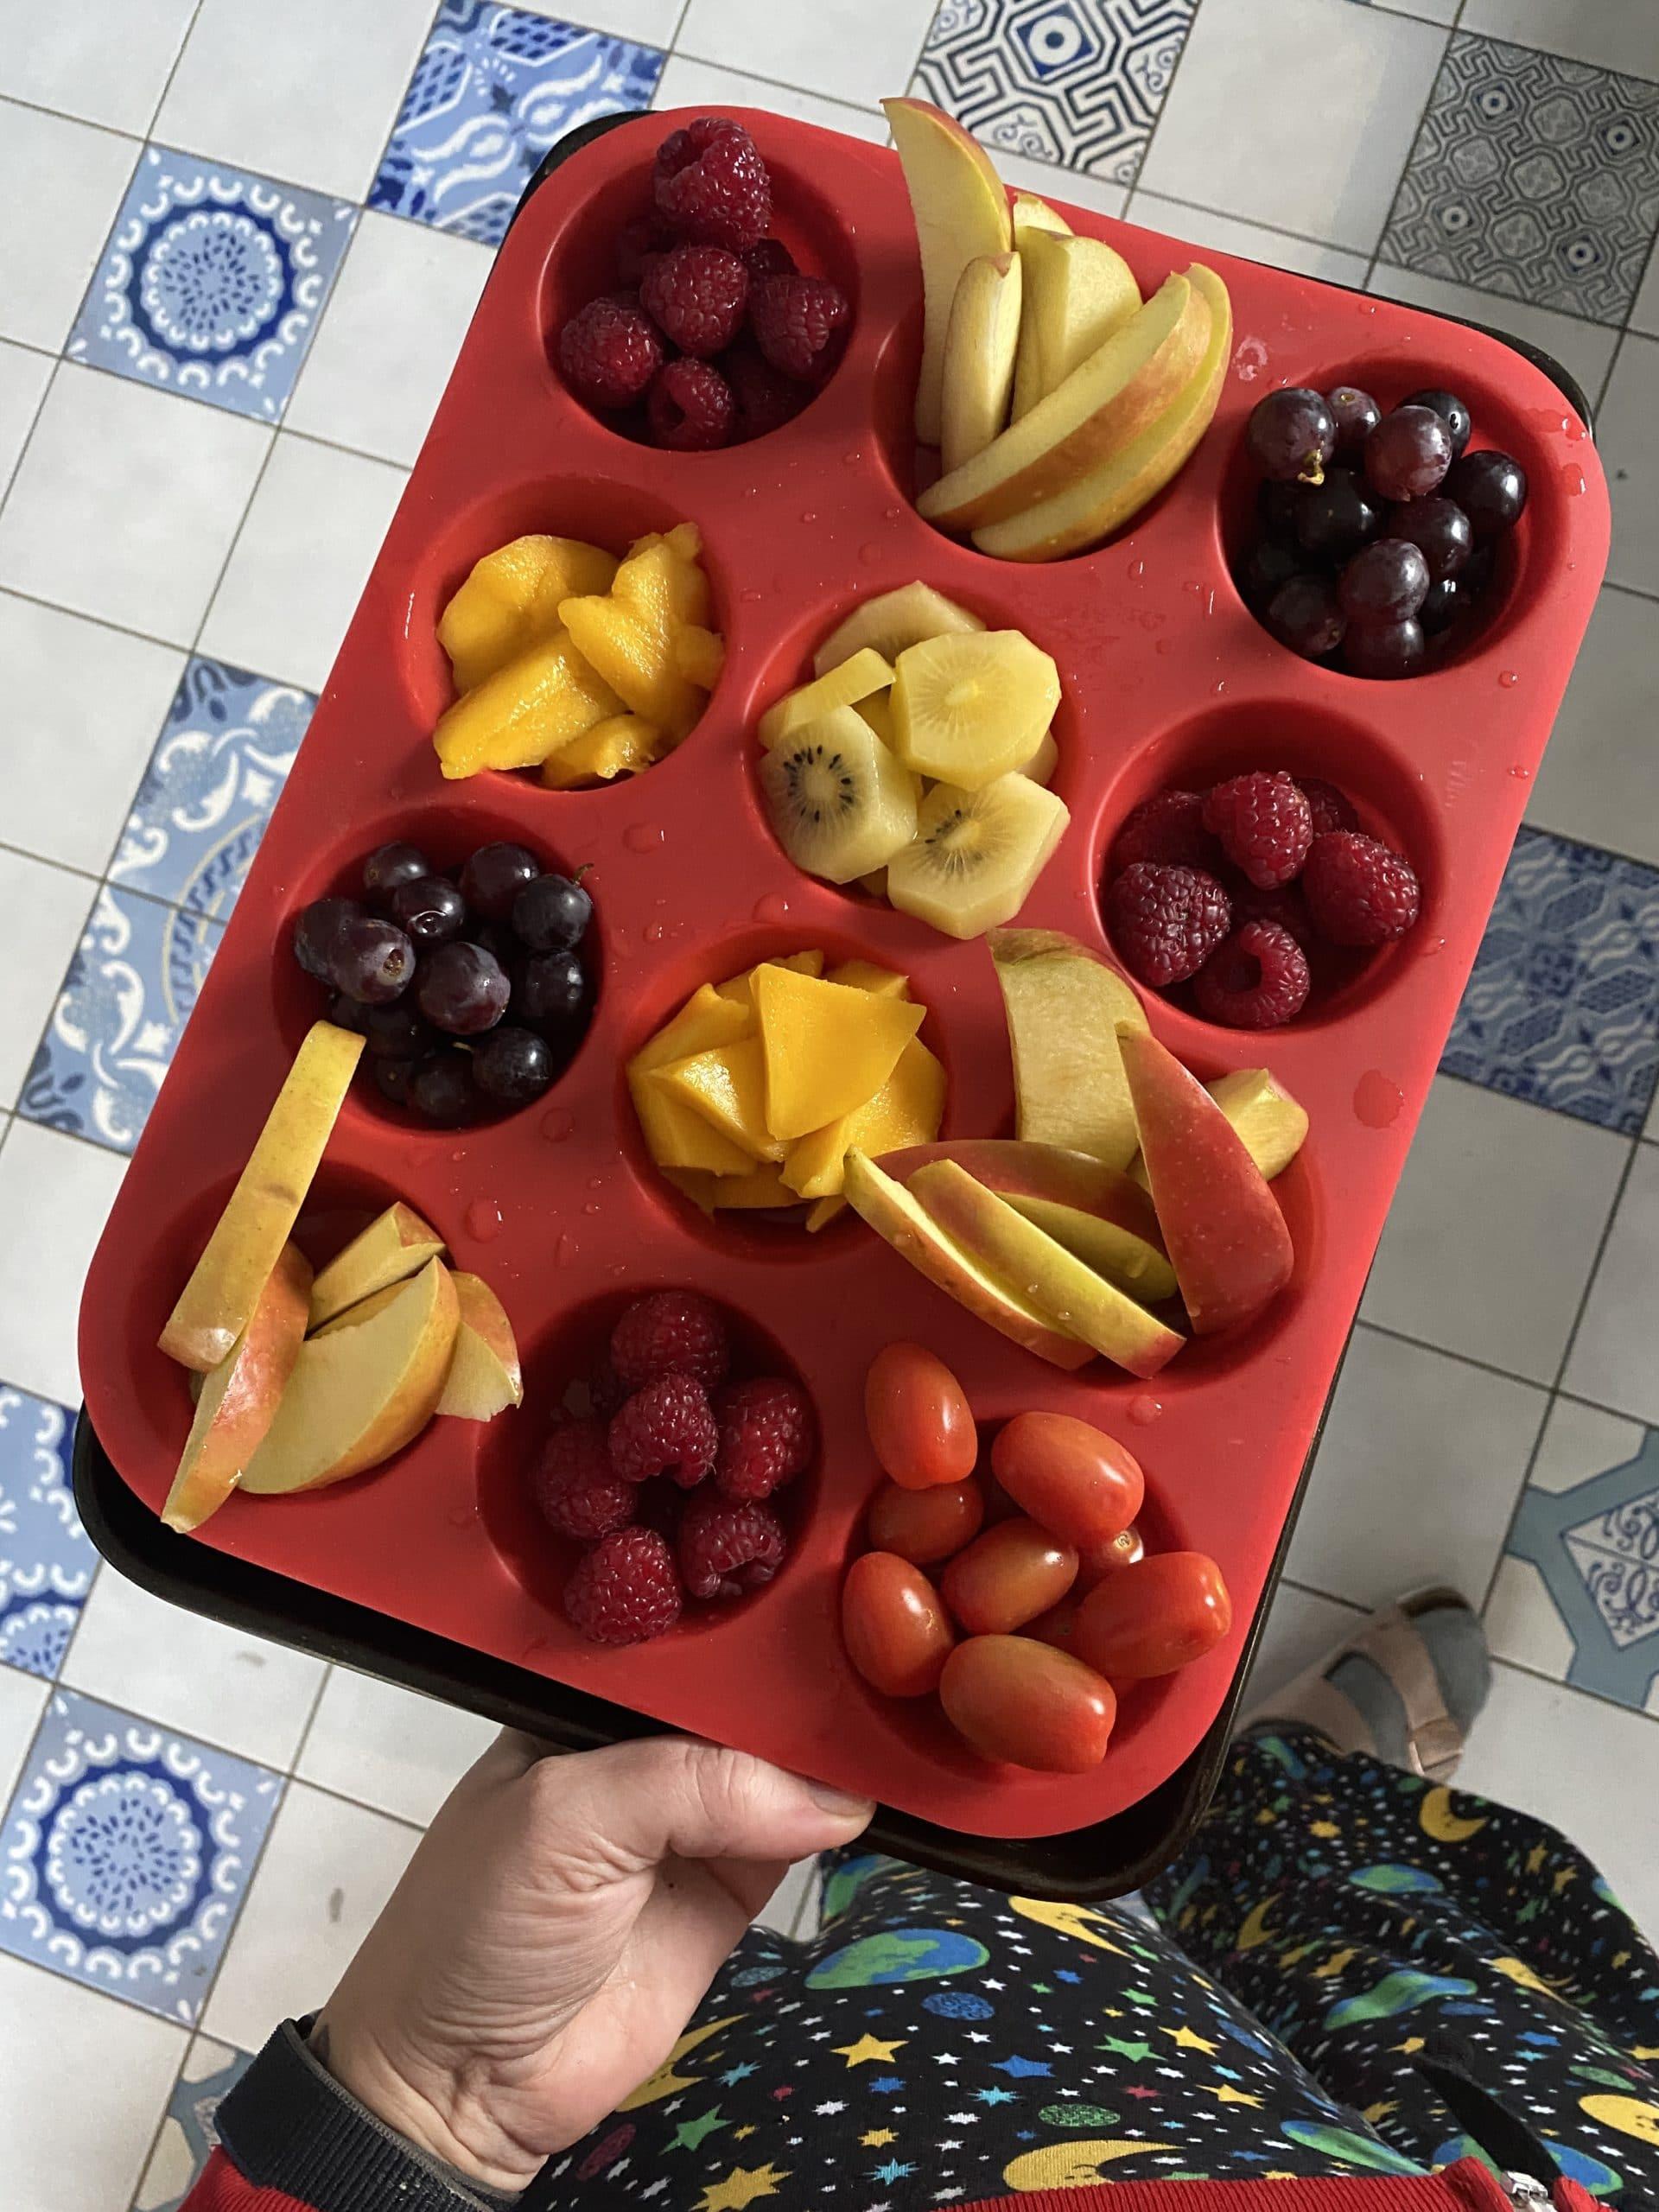 und am Ende des Wochenendes gibt es dann noch Obstfluencer.